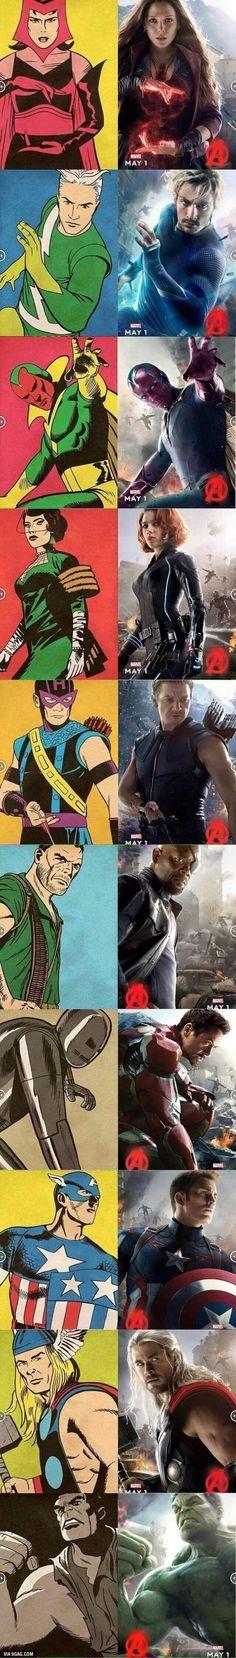 Vingadores originais em comparação com os cartazes do filme